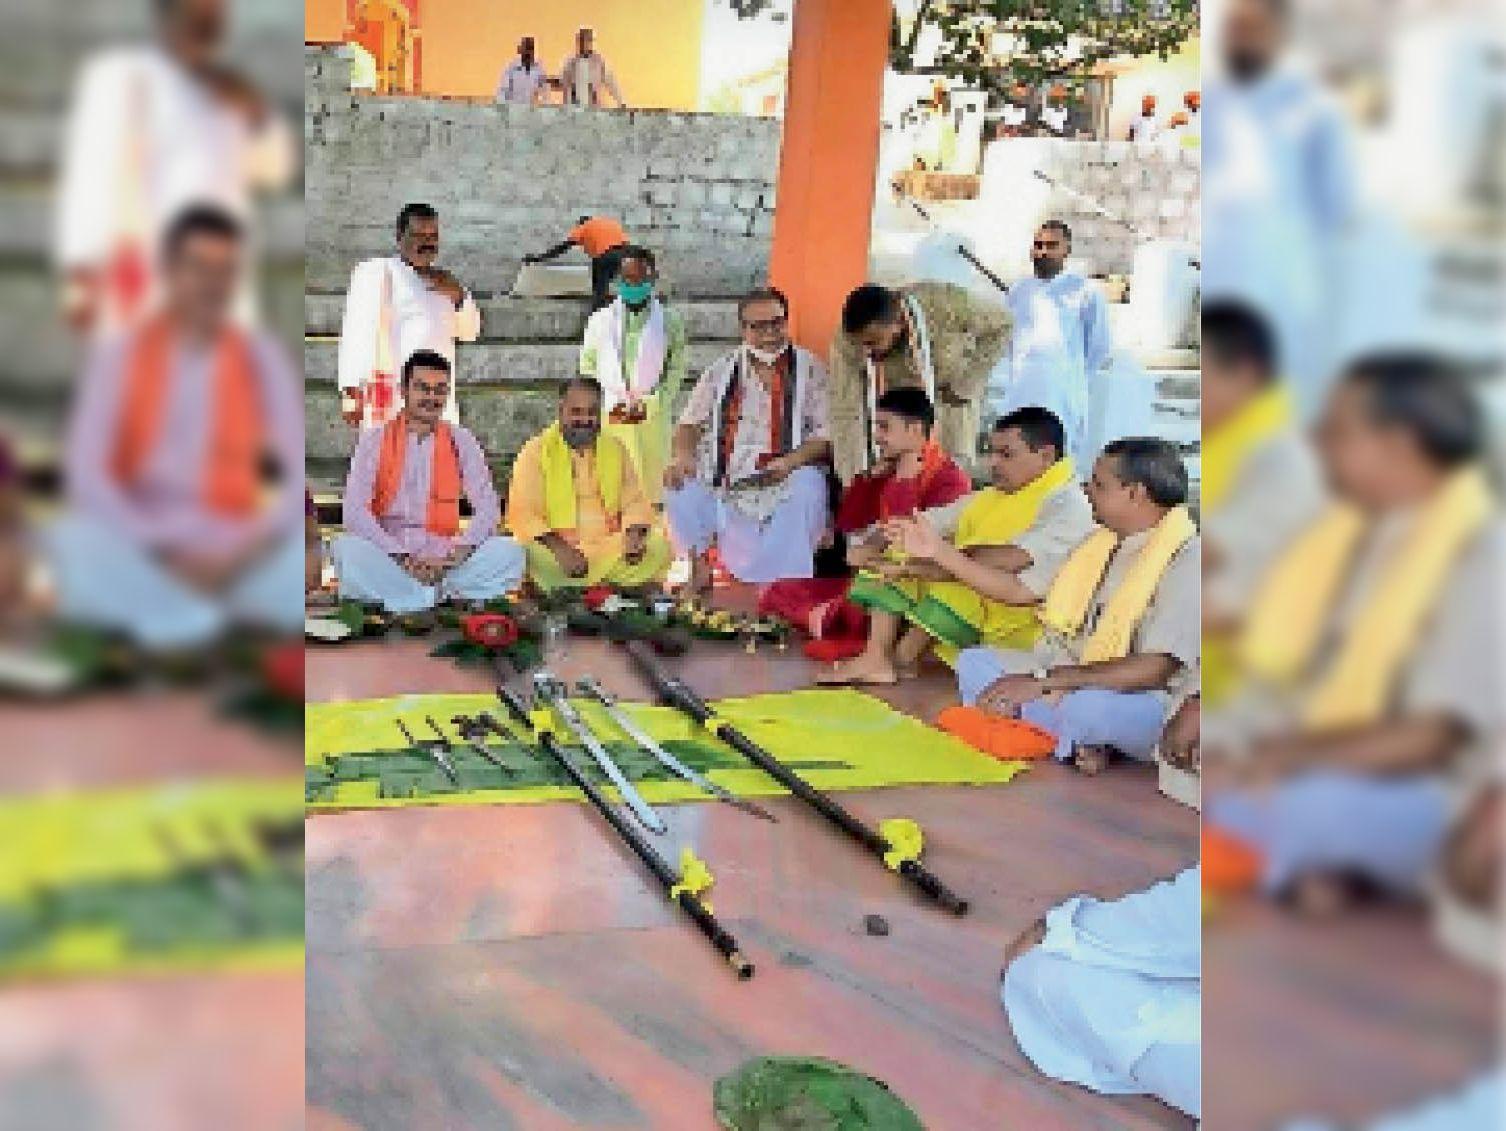 शस्त्रपूजा में शामिल राजपरिवार के सदस्य व राजपुरोहित। - Dainik Bhaskar